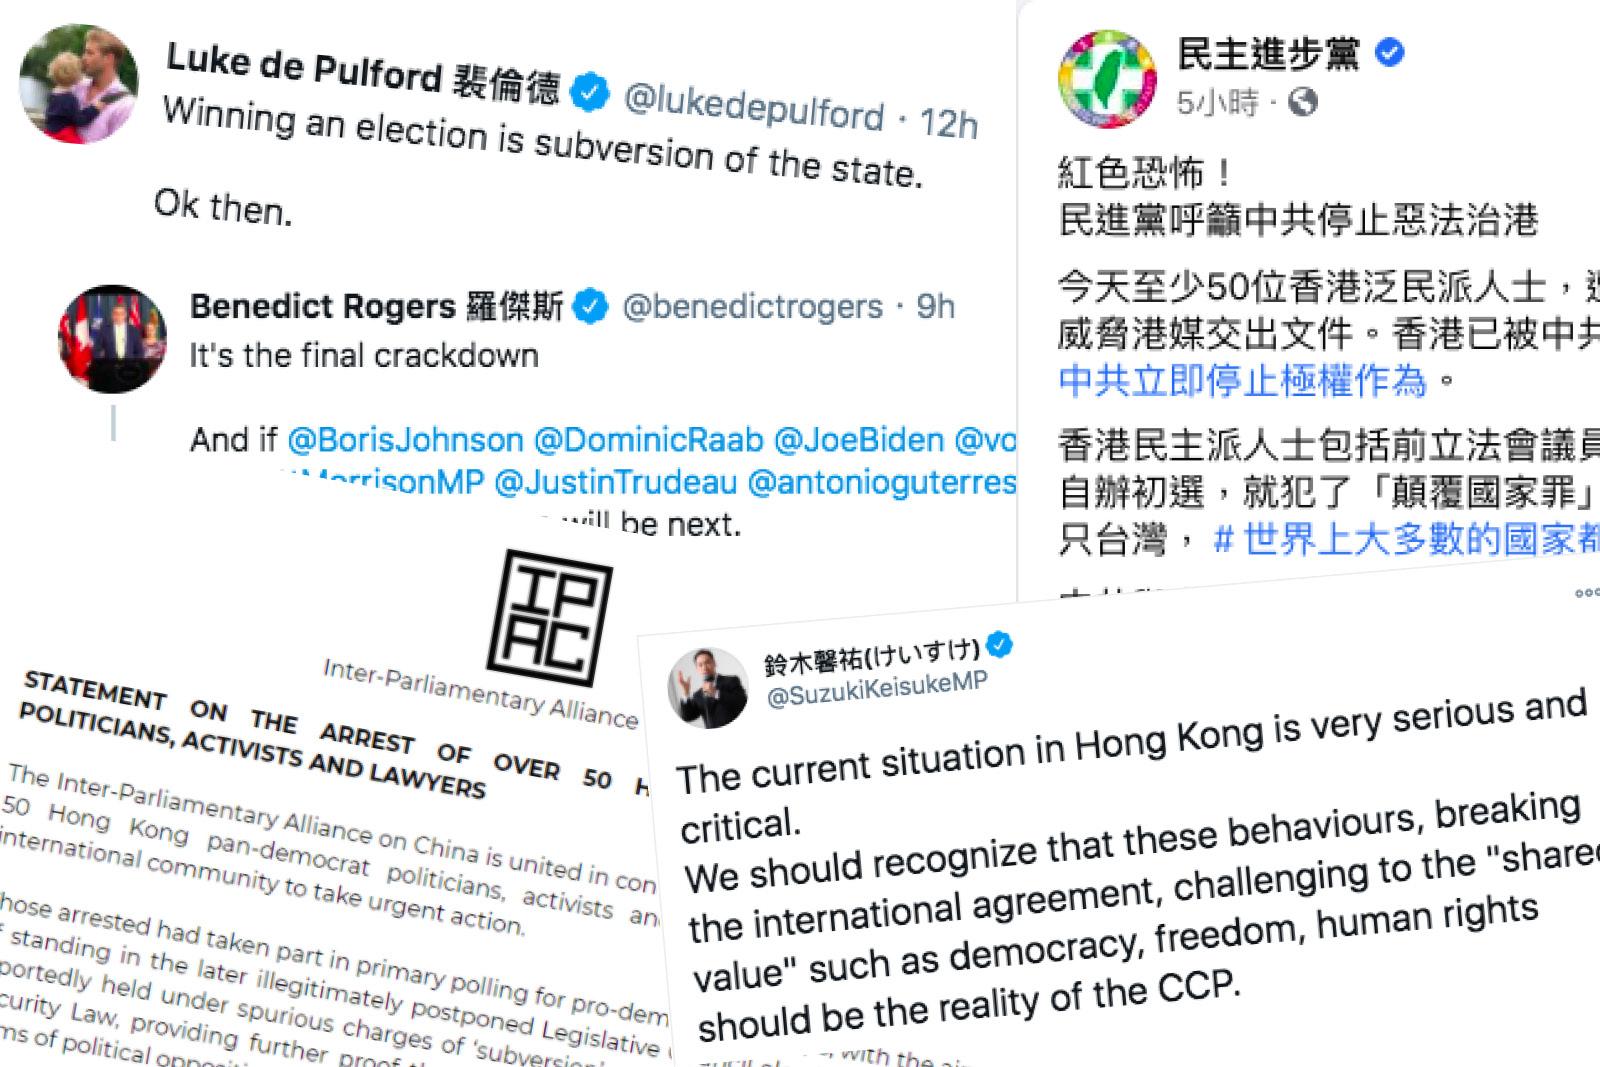 國際社會譴責中共與香港當局拘捕民主派初選參與者。(大紀元製圖)